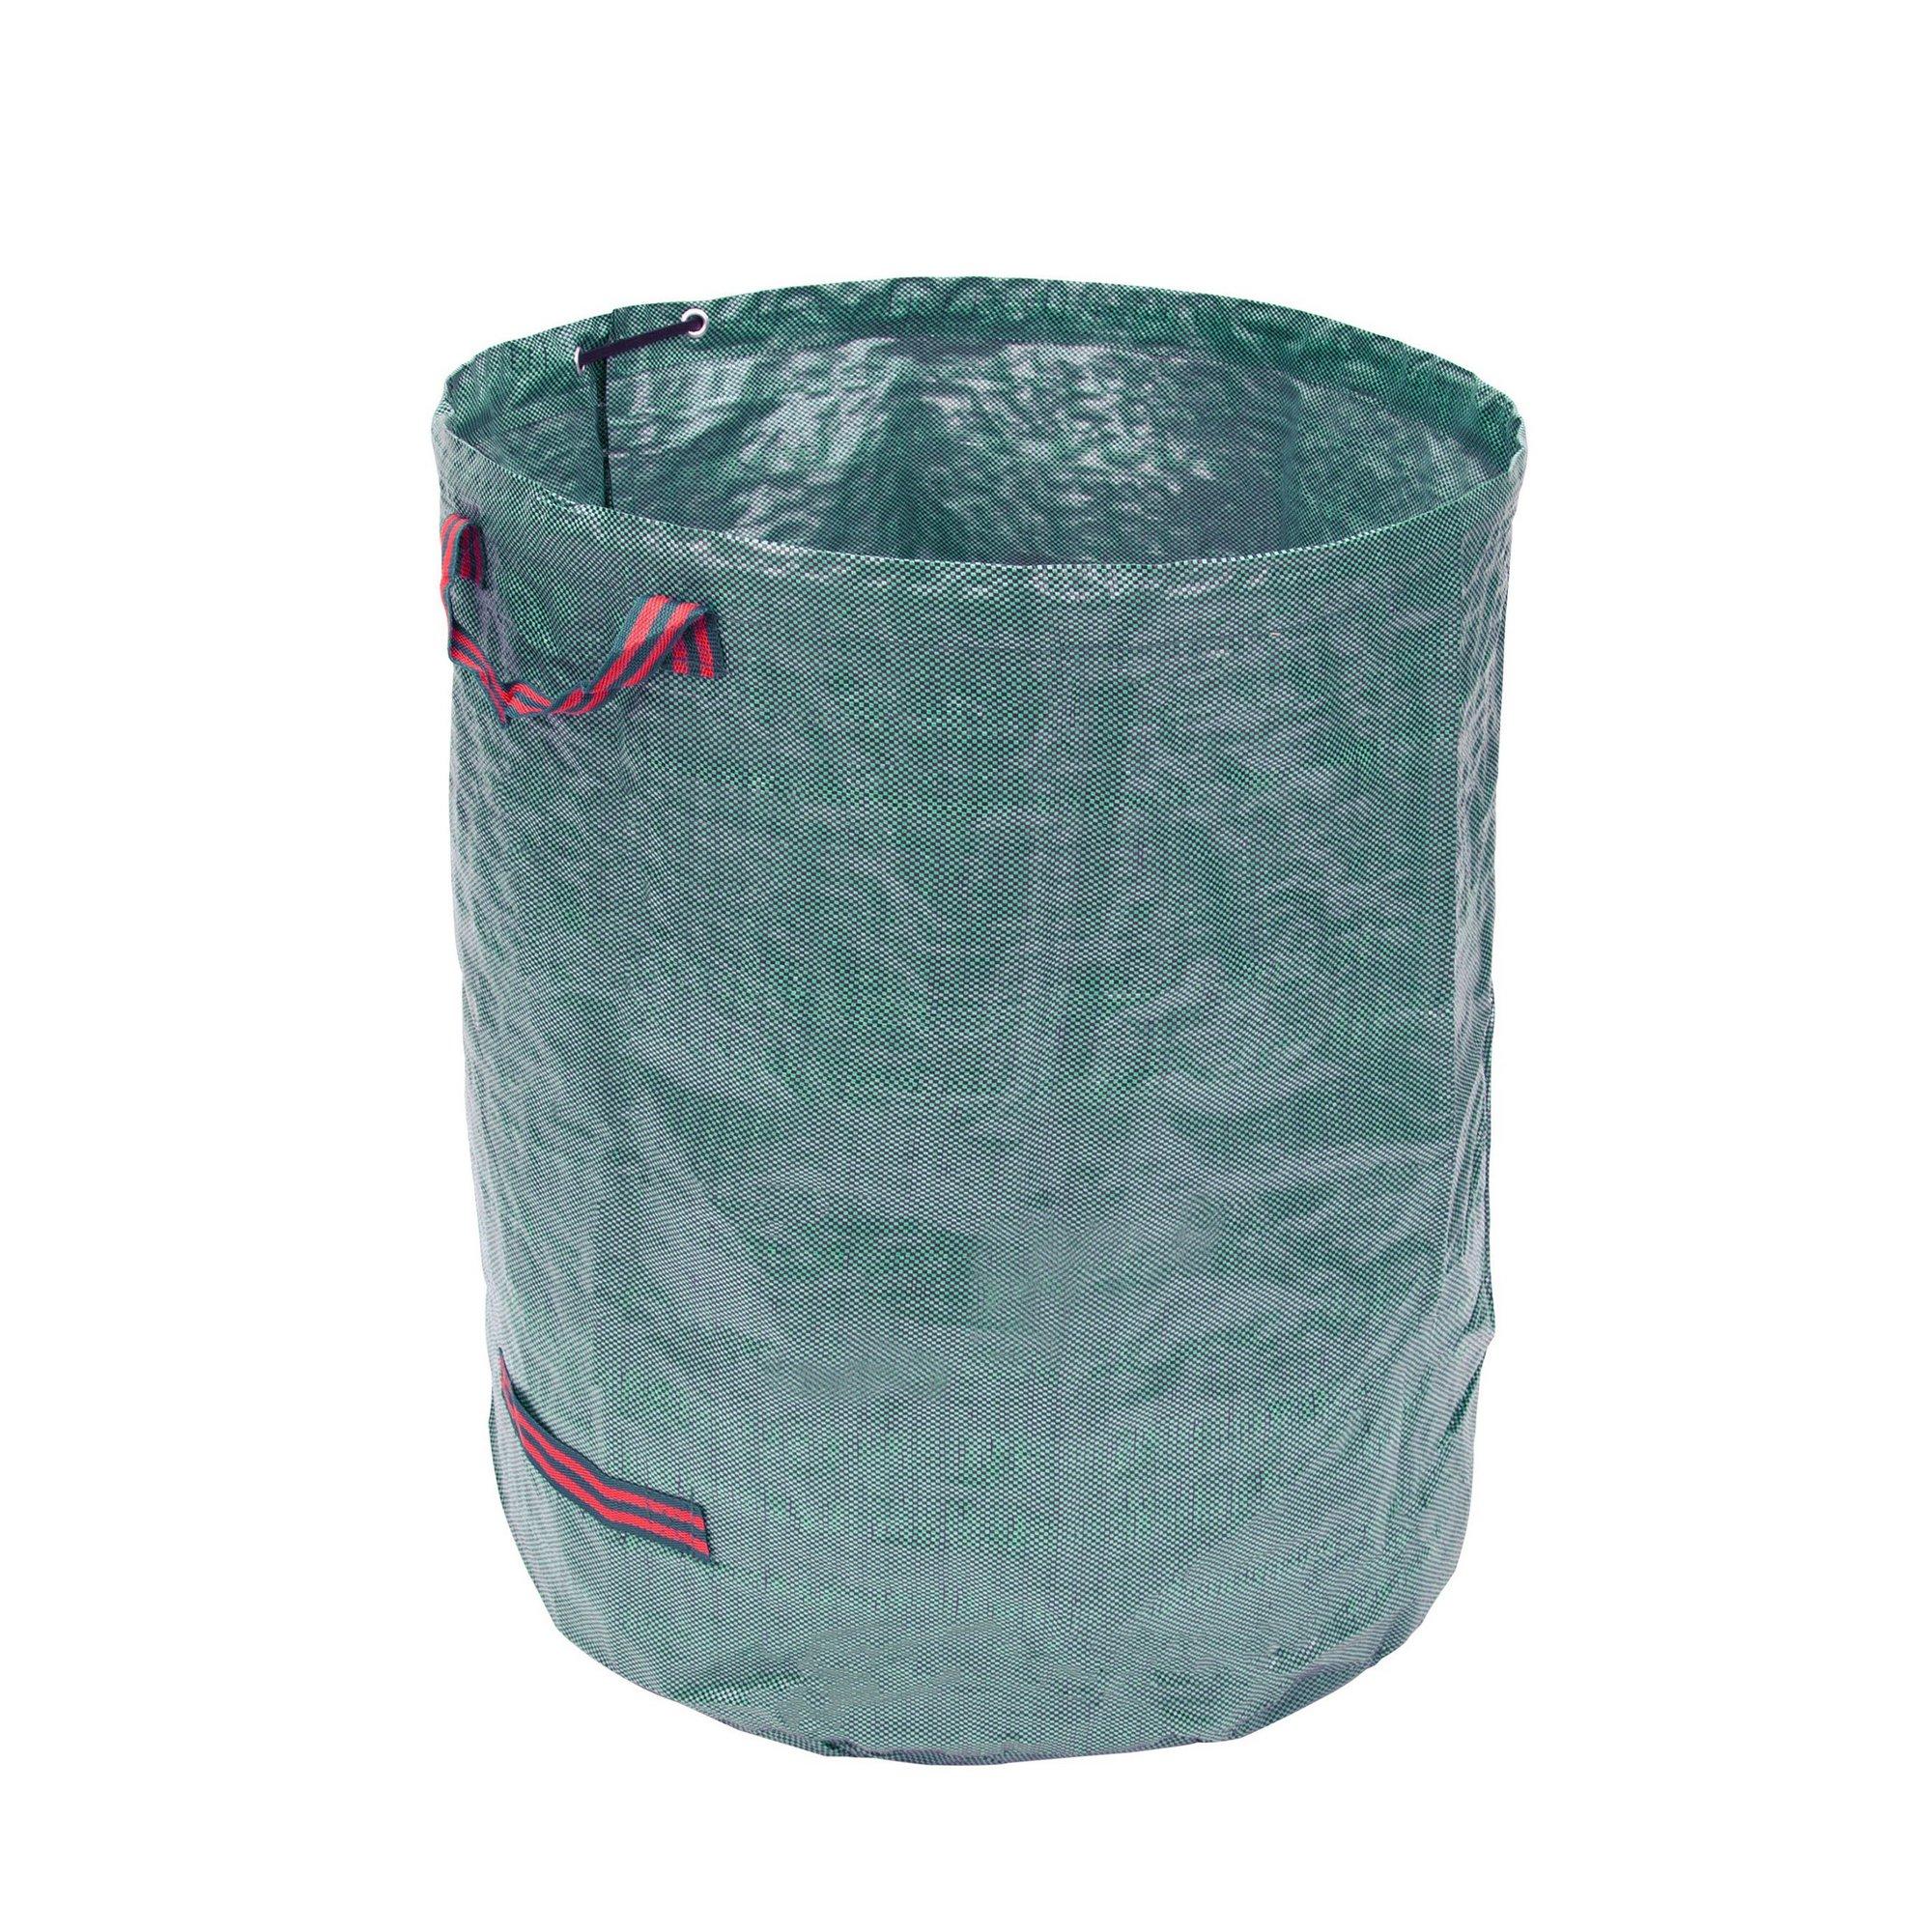 Image of 272 Litre Garden Waste Bag